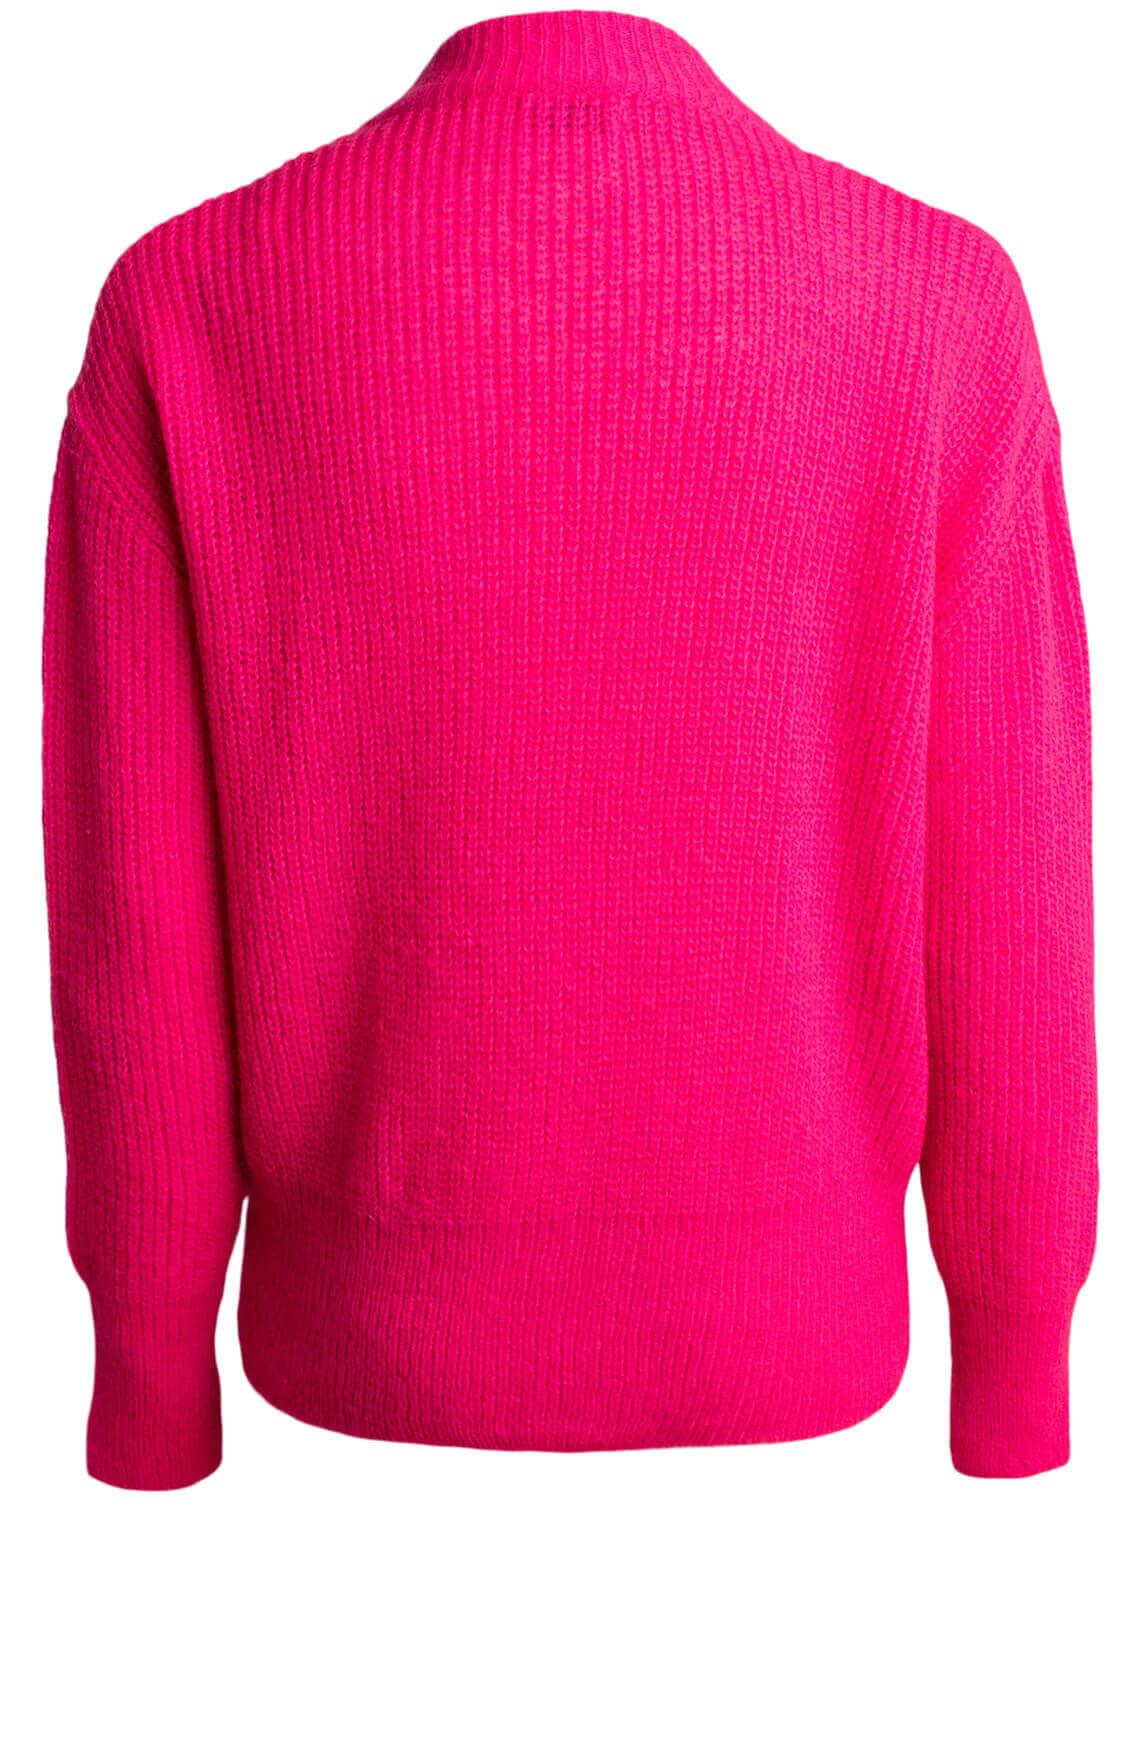 Anna Dames Gebreide trui roze